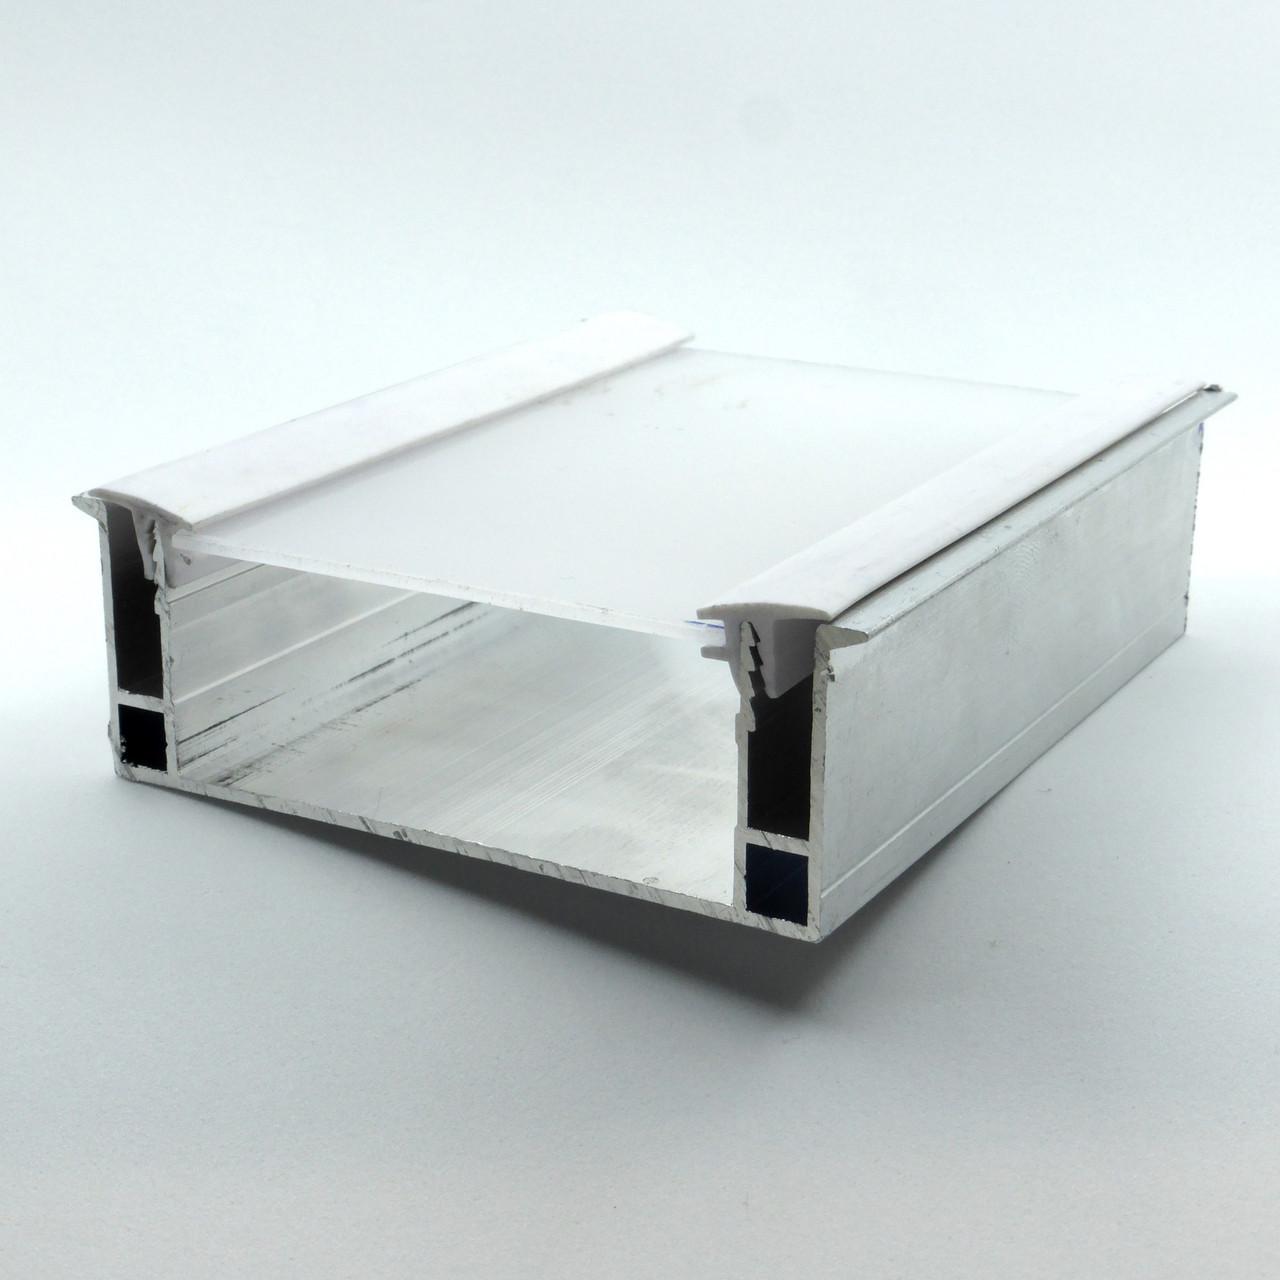 Профіль алюмінієвий для натяжних стель - ширяюча лінія, з лінзою, зі вставкою. Довжина профілю 2 м.